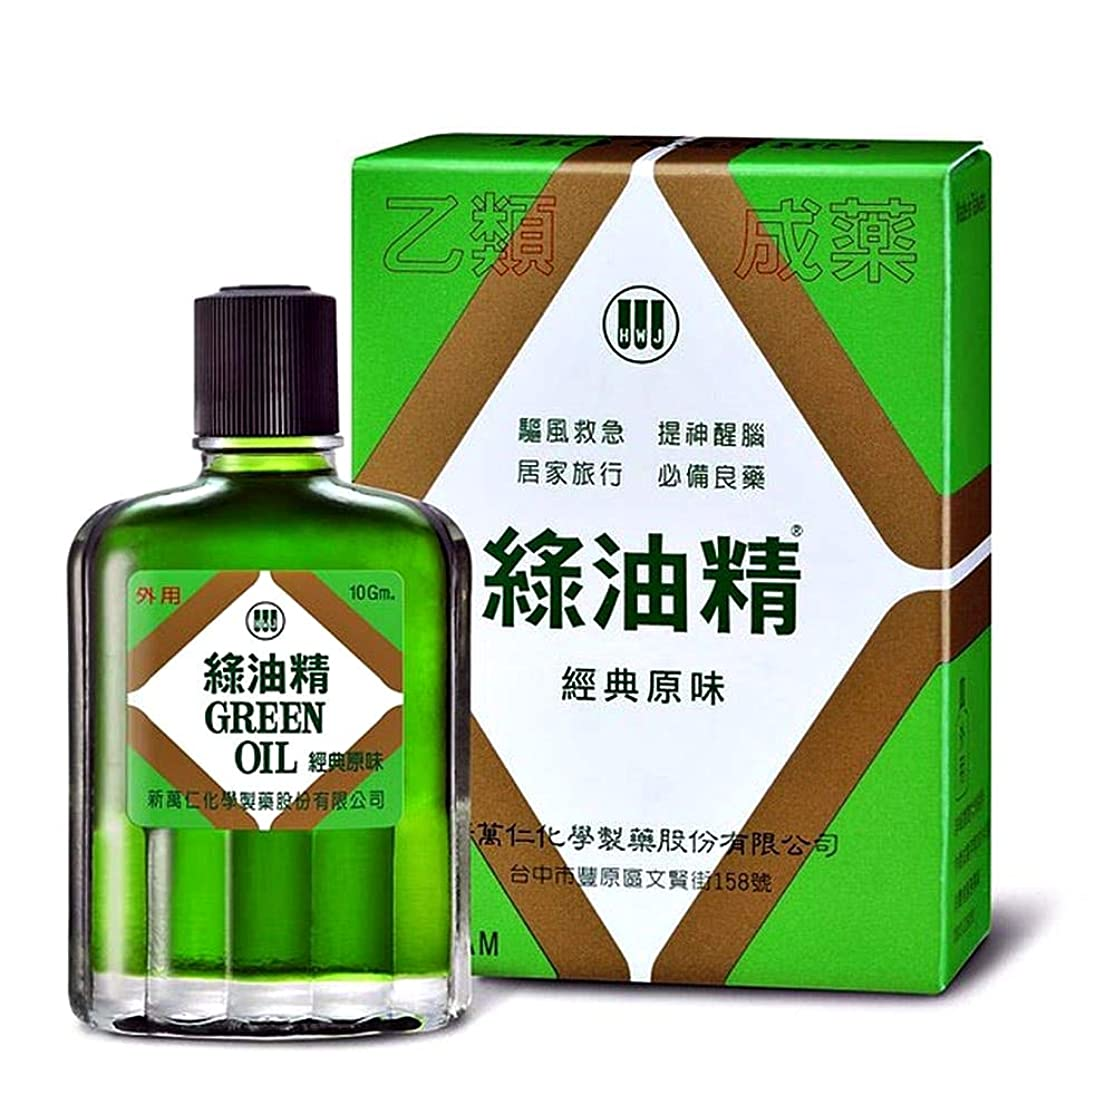 エスカレーター限り非公式《新萬仁》台湾の万能グリーンオイル 緑油精 10g 《台湾 お土産》 [並行輸入品]